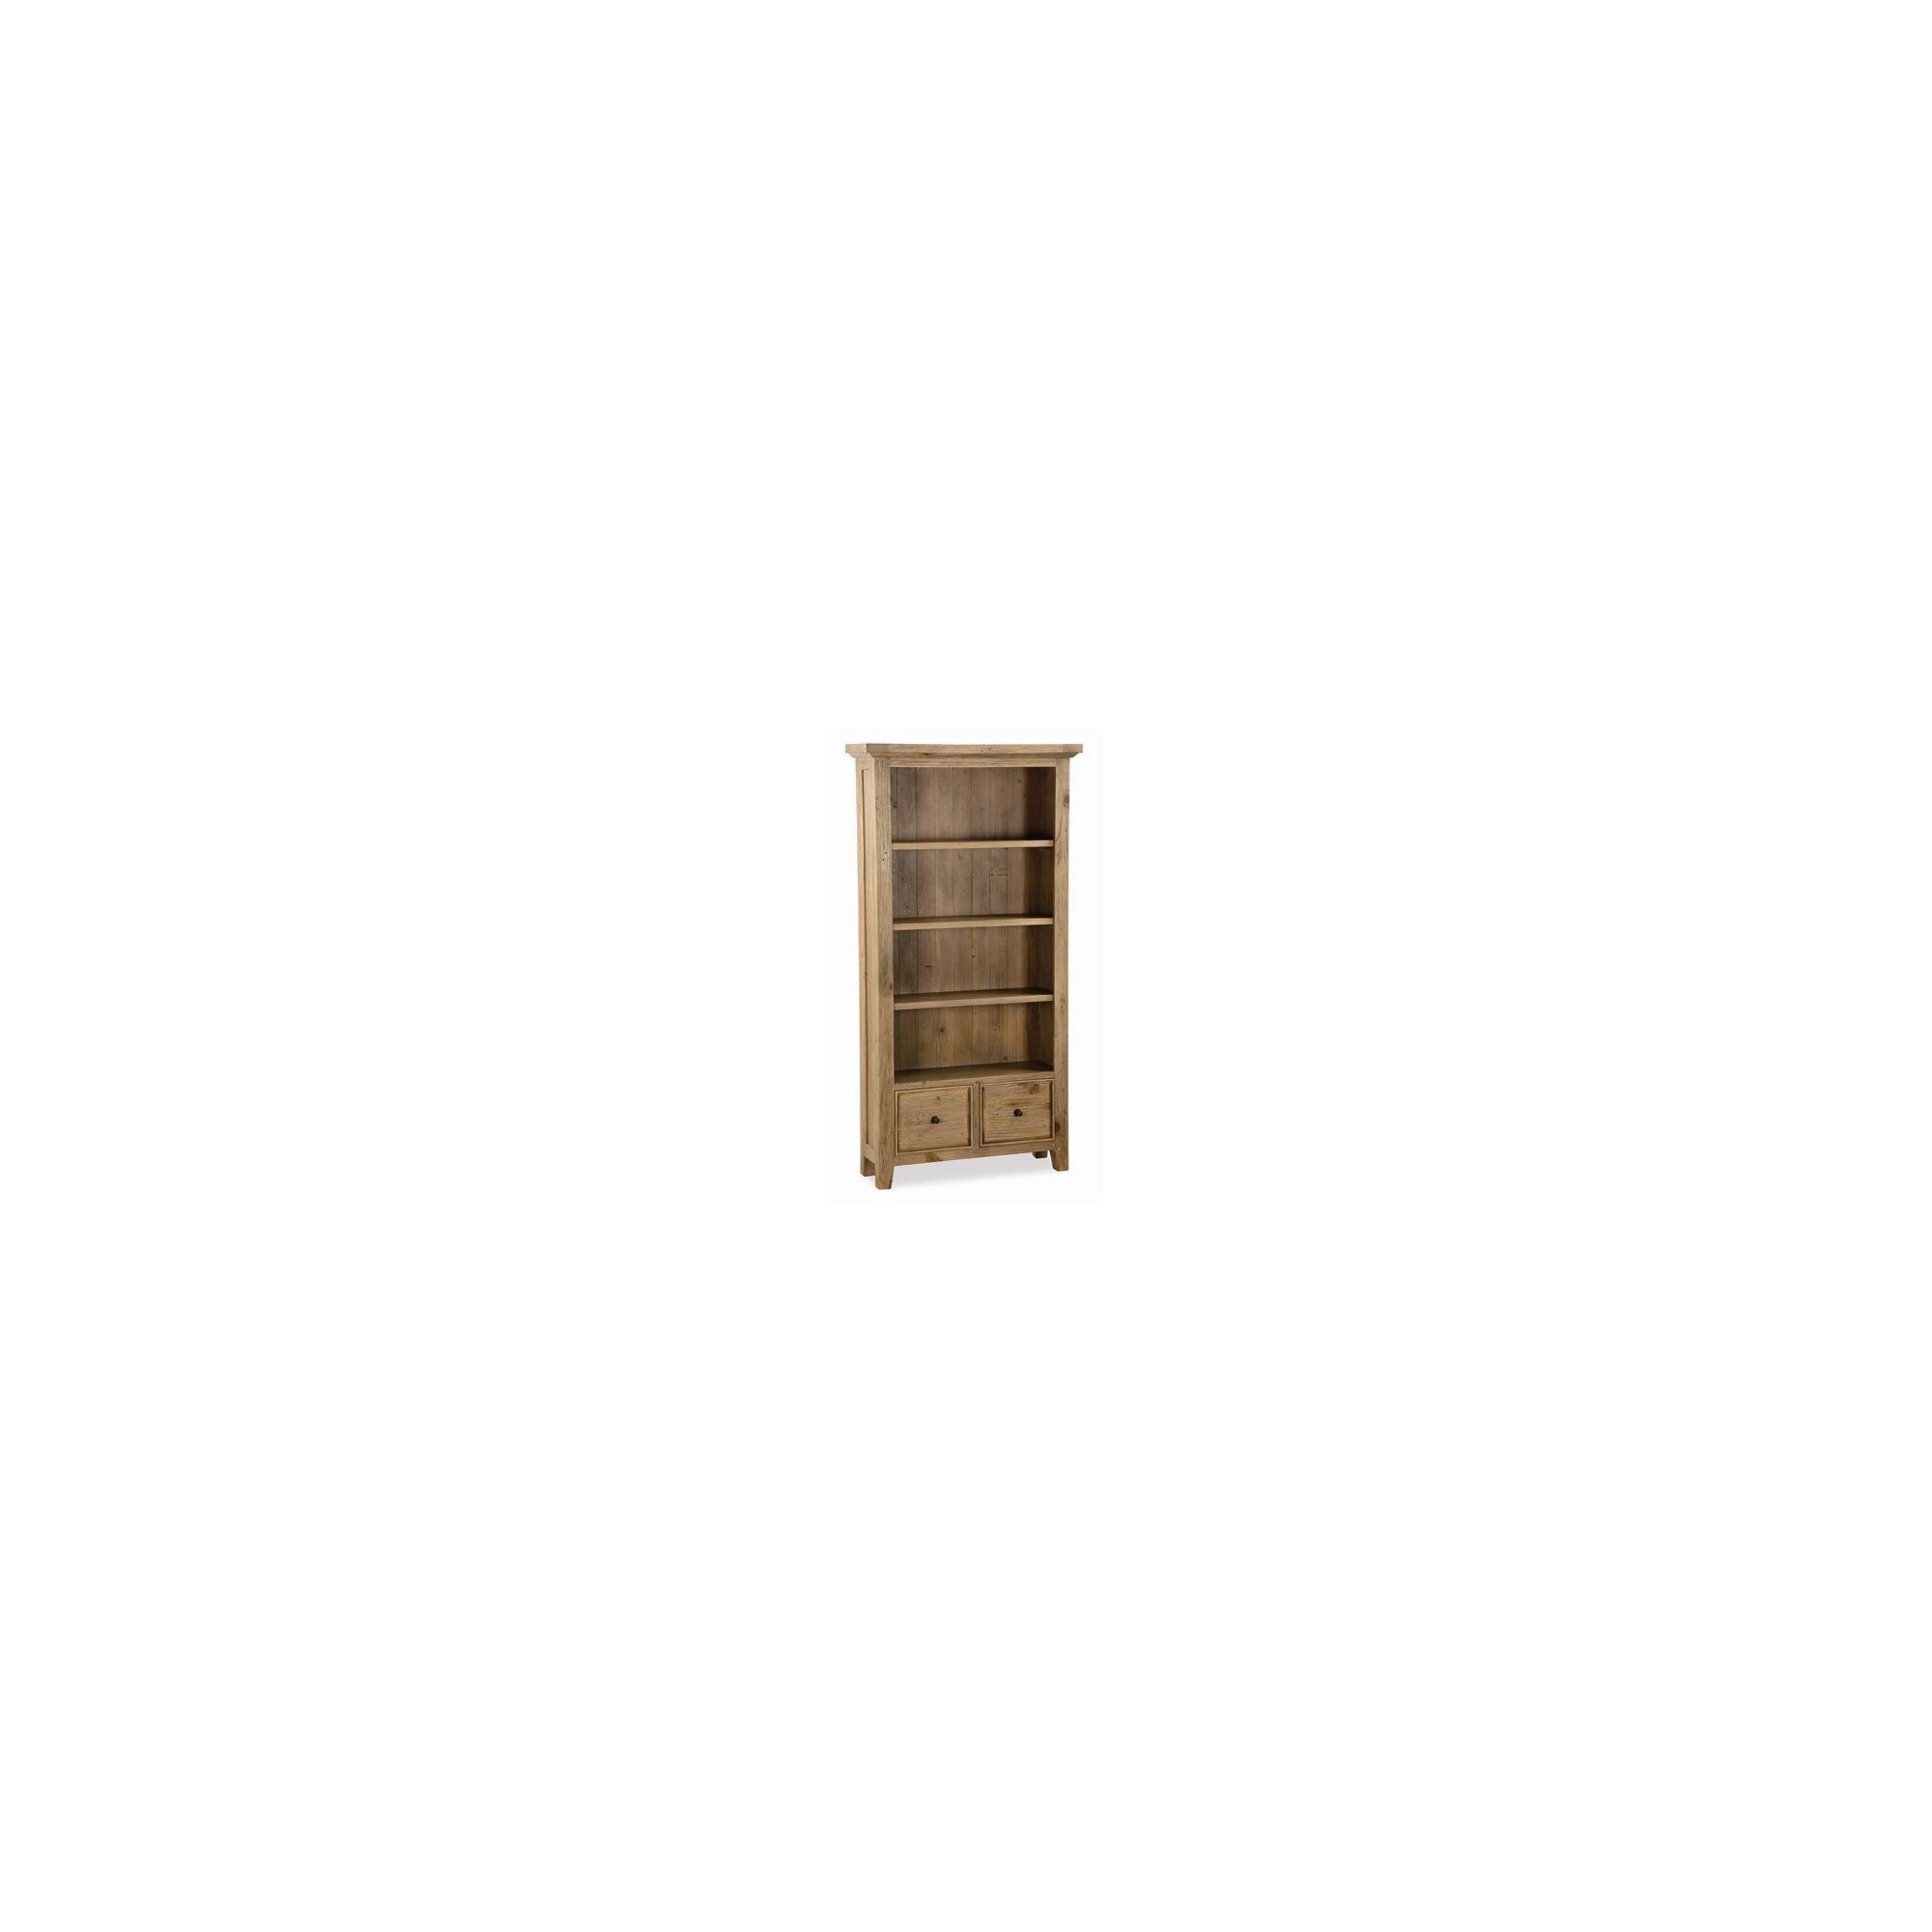 Alterton Furniture Naples Medium Bookcase at Tesco Direct